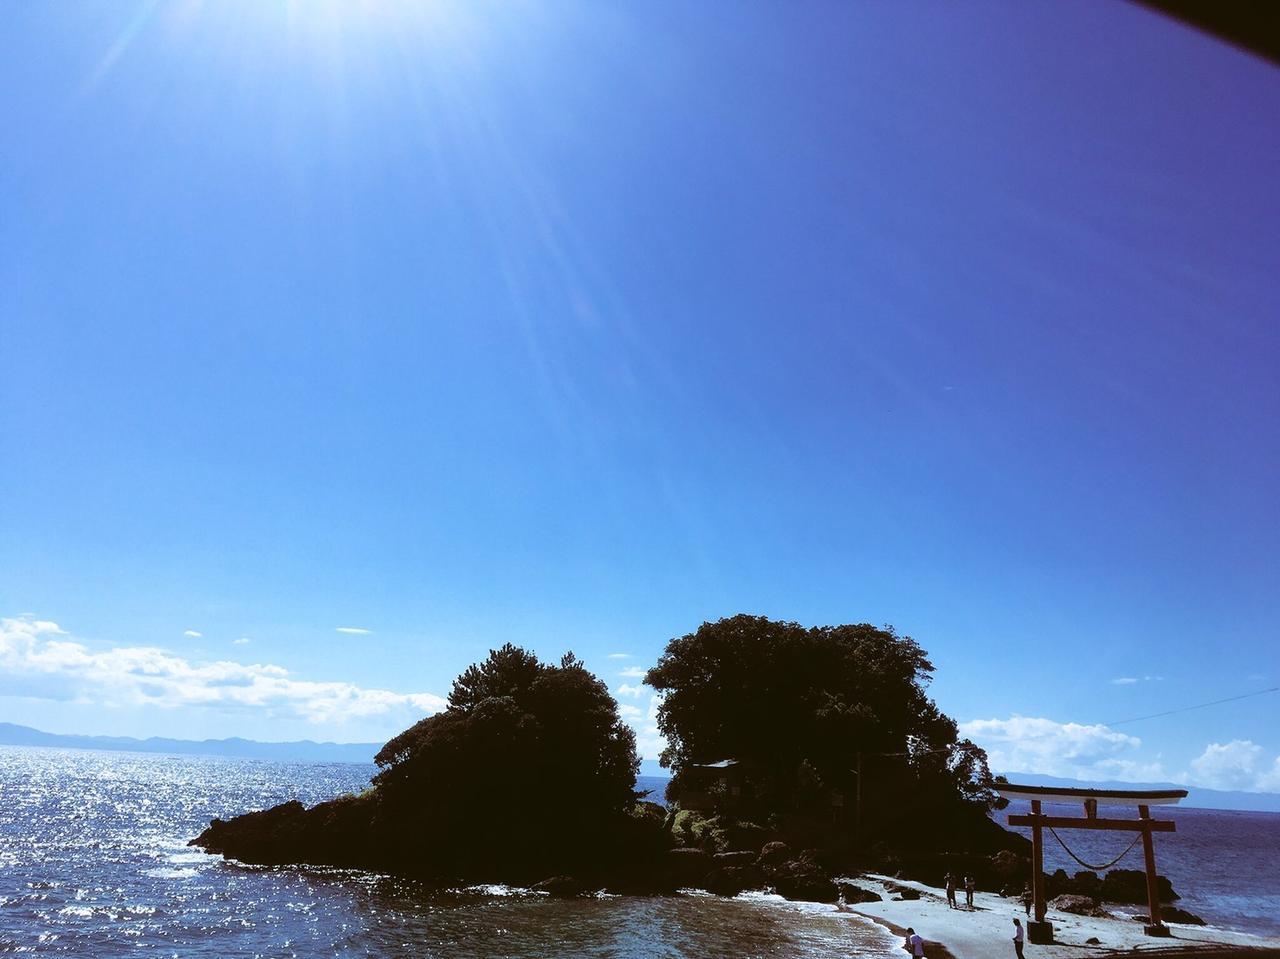 アドベンチャーツーリングラリー「THE ROUND 4 POLES」~日本4極巡り~9月14日(土)福山理子は本土最南端でお待ちしています。